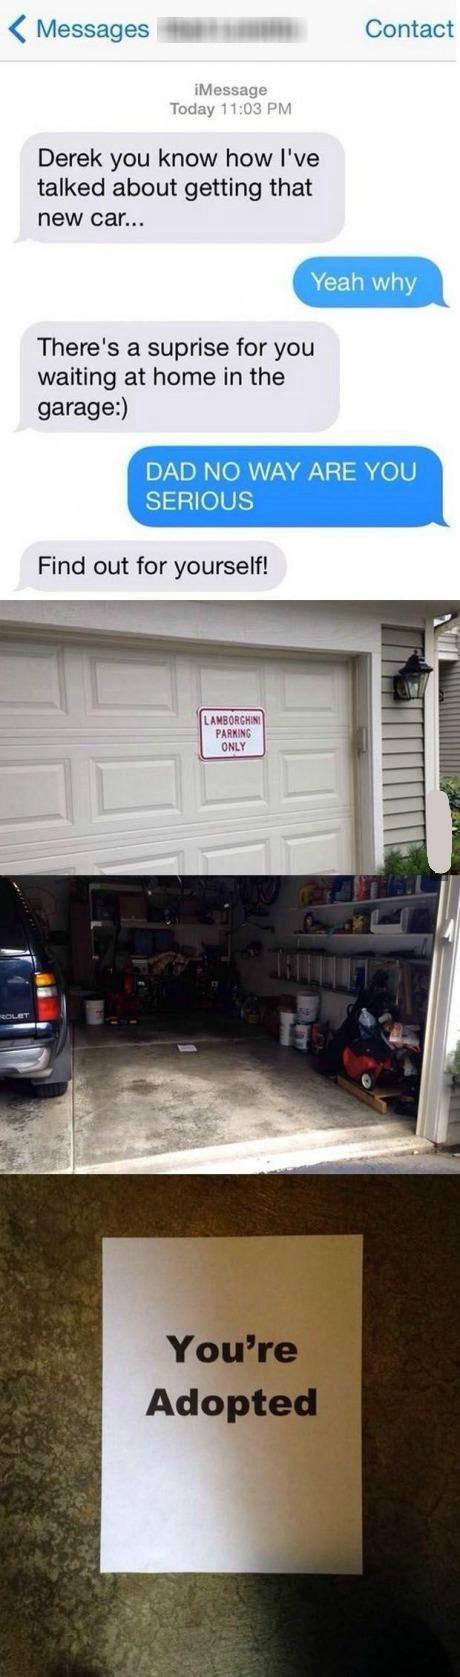 funny-texting-pic-dad-prank-car